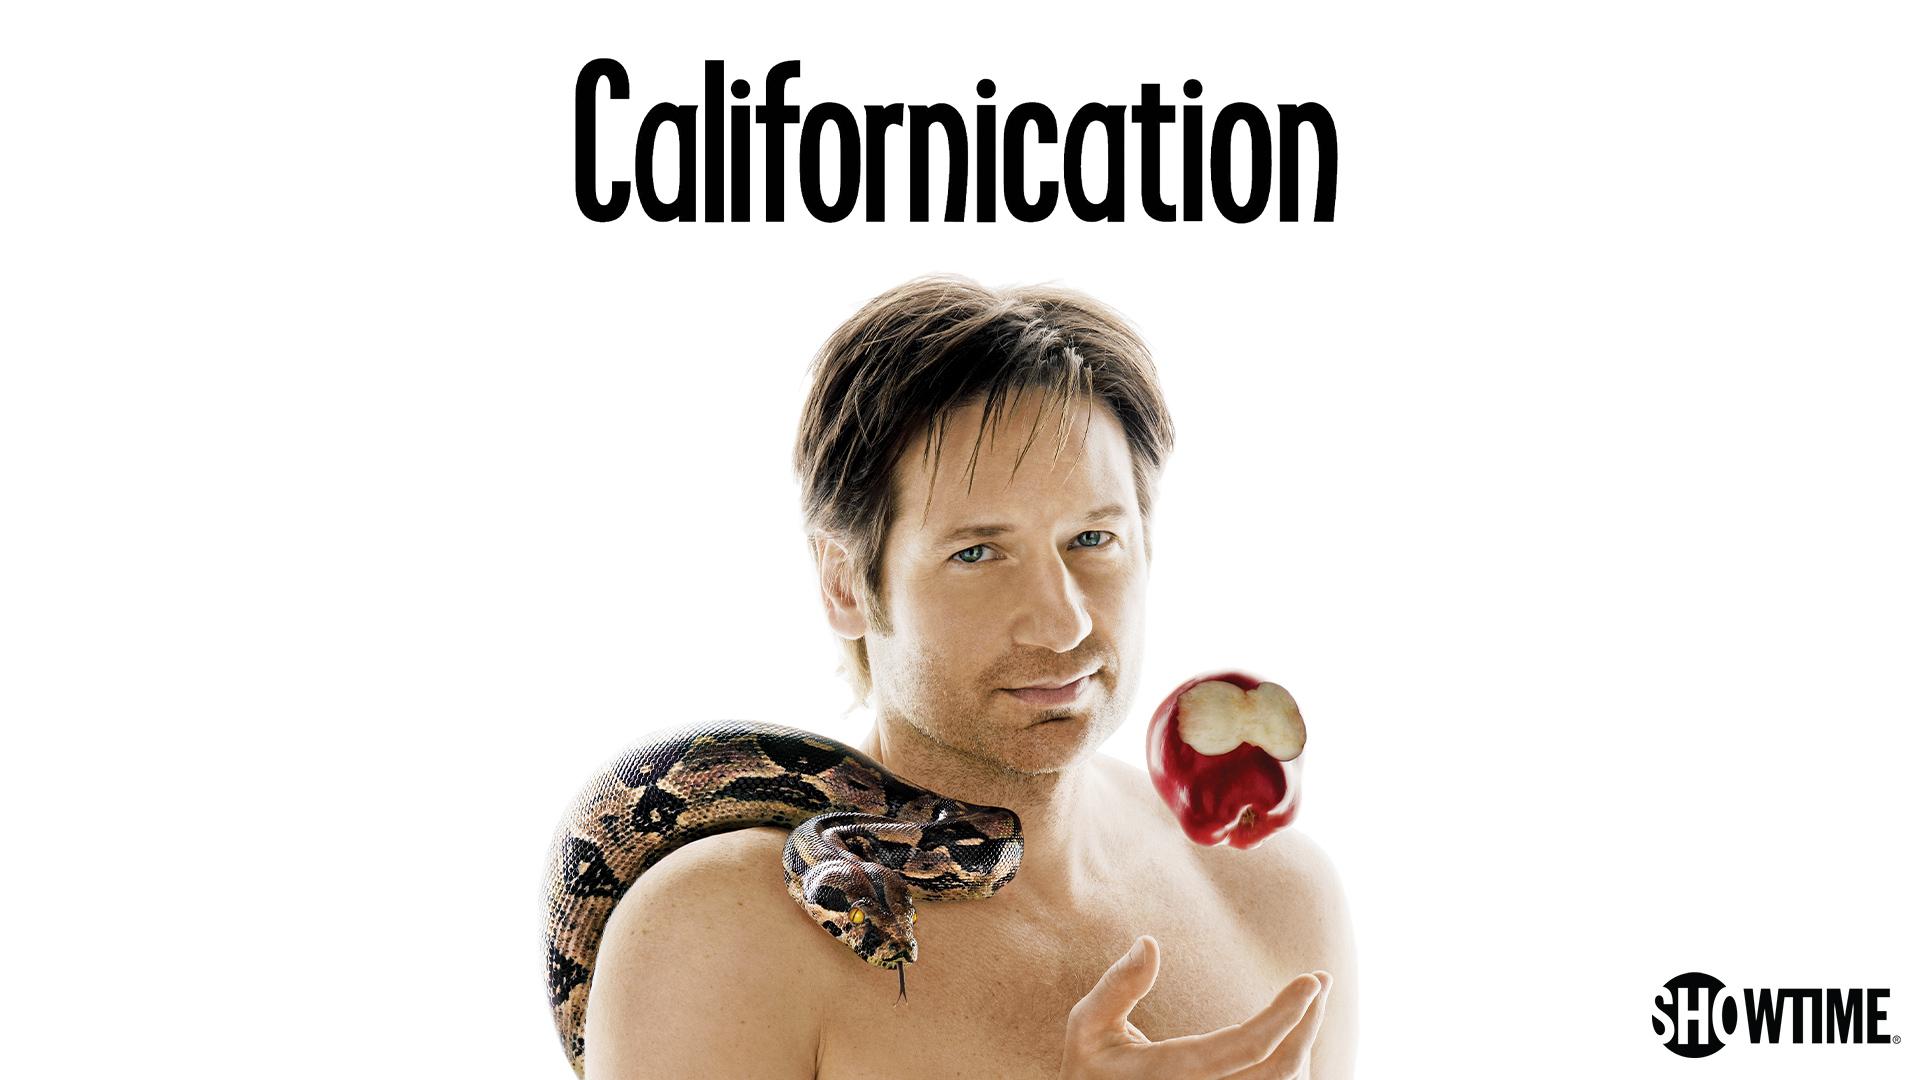 Californication Season 1